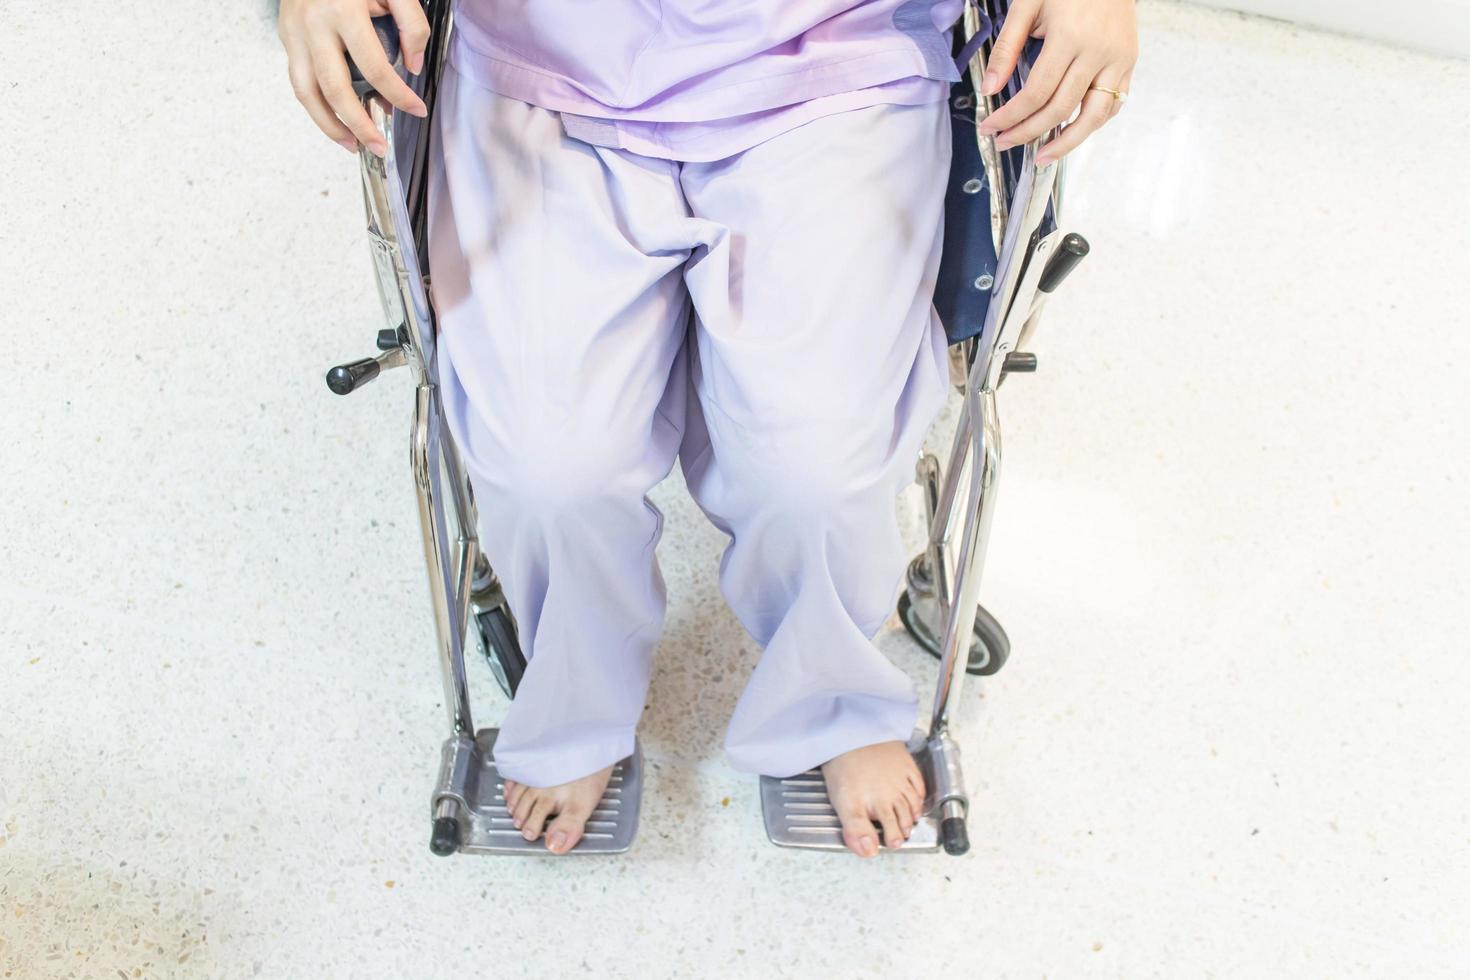 paziente donna in sedia a rotelle seduto in un corridoio dell'ospedale foto